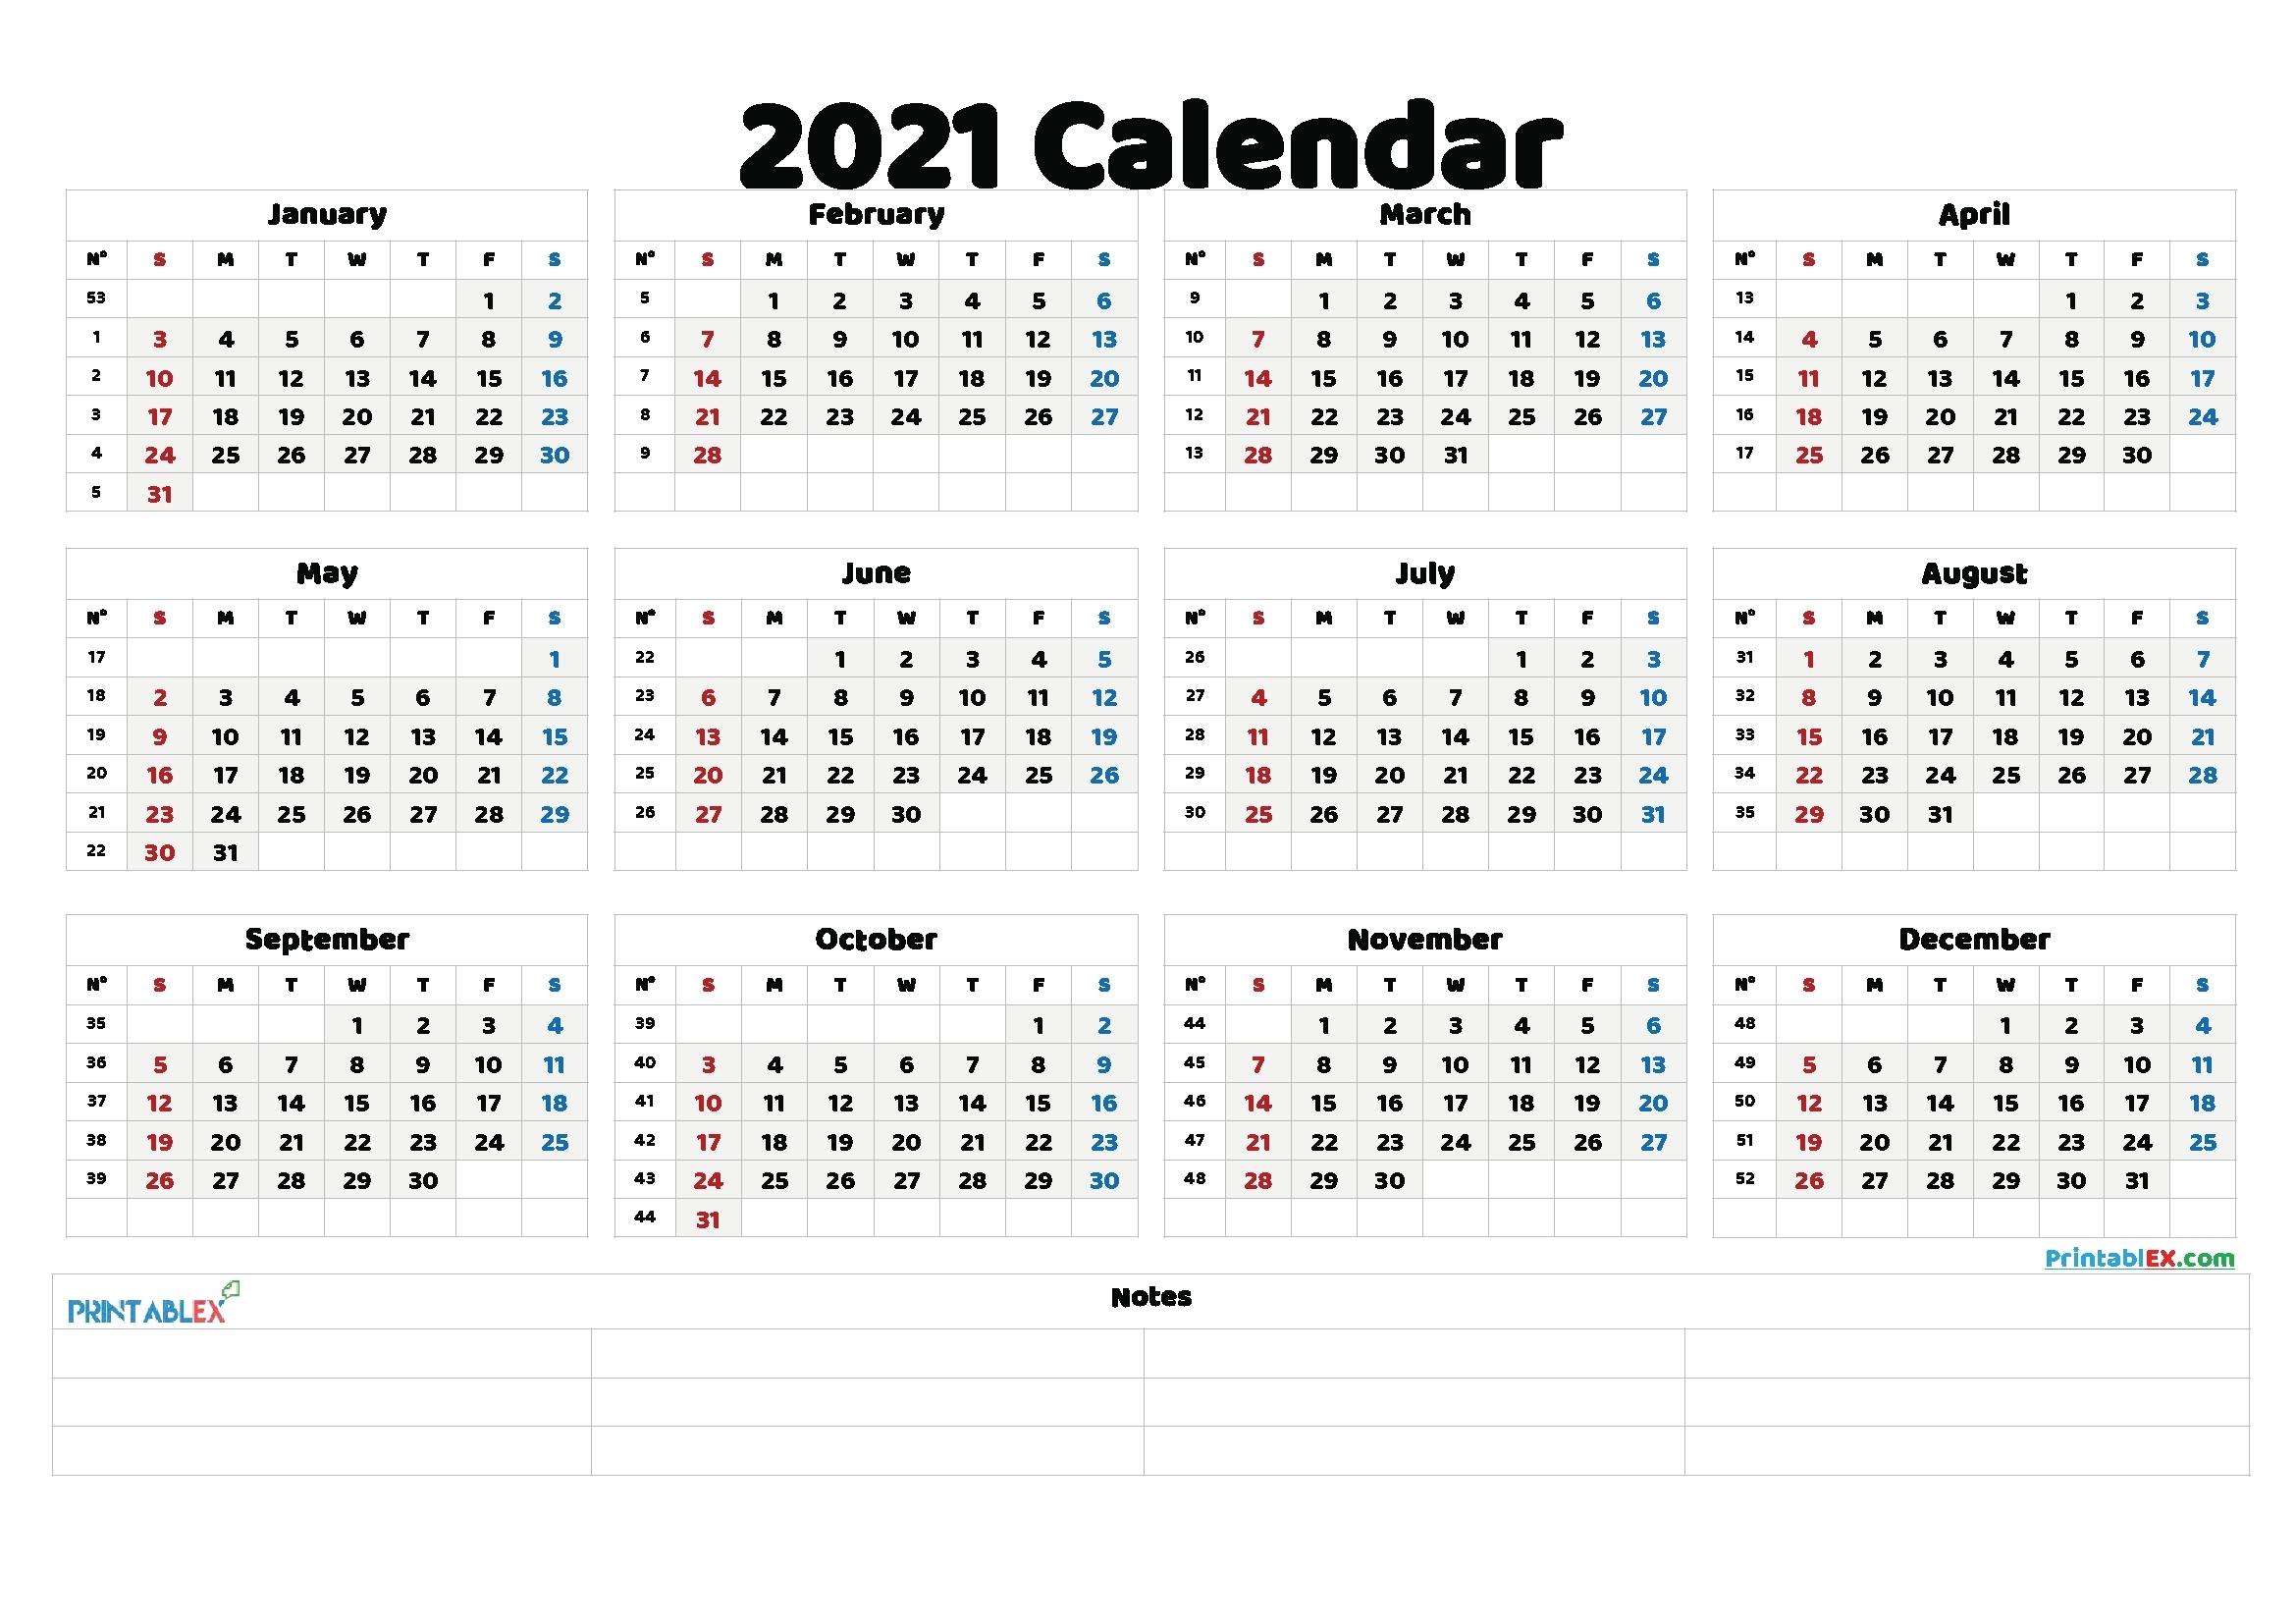 Get Week Wise Calendar